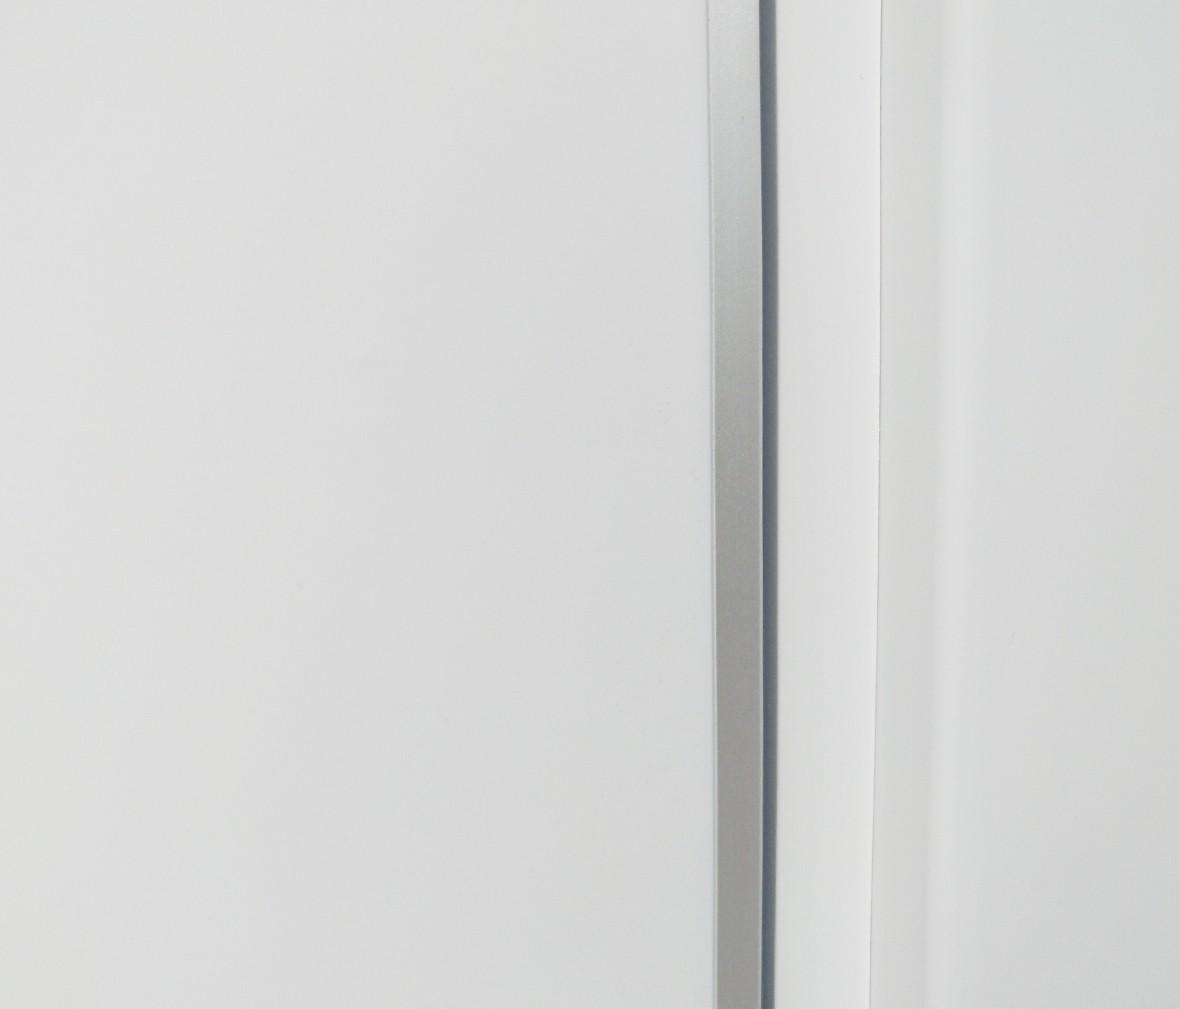 TATA木门 自主写真型号白混油实木复合门 俄罗斯进口松木 细节展示